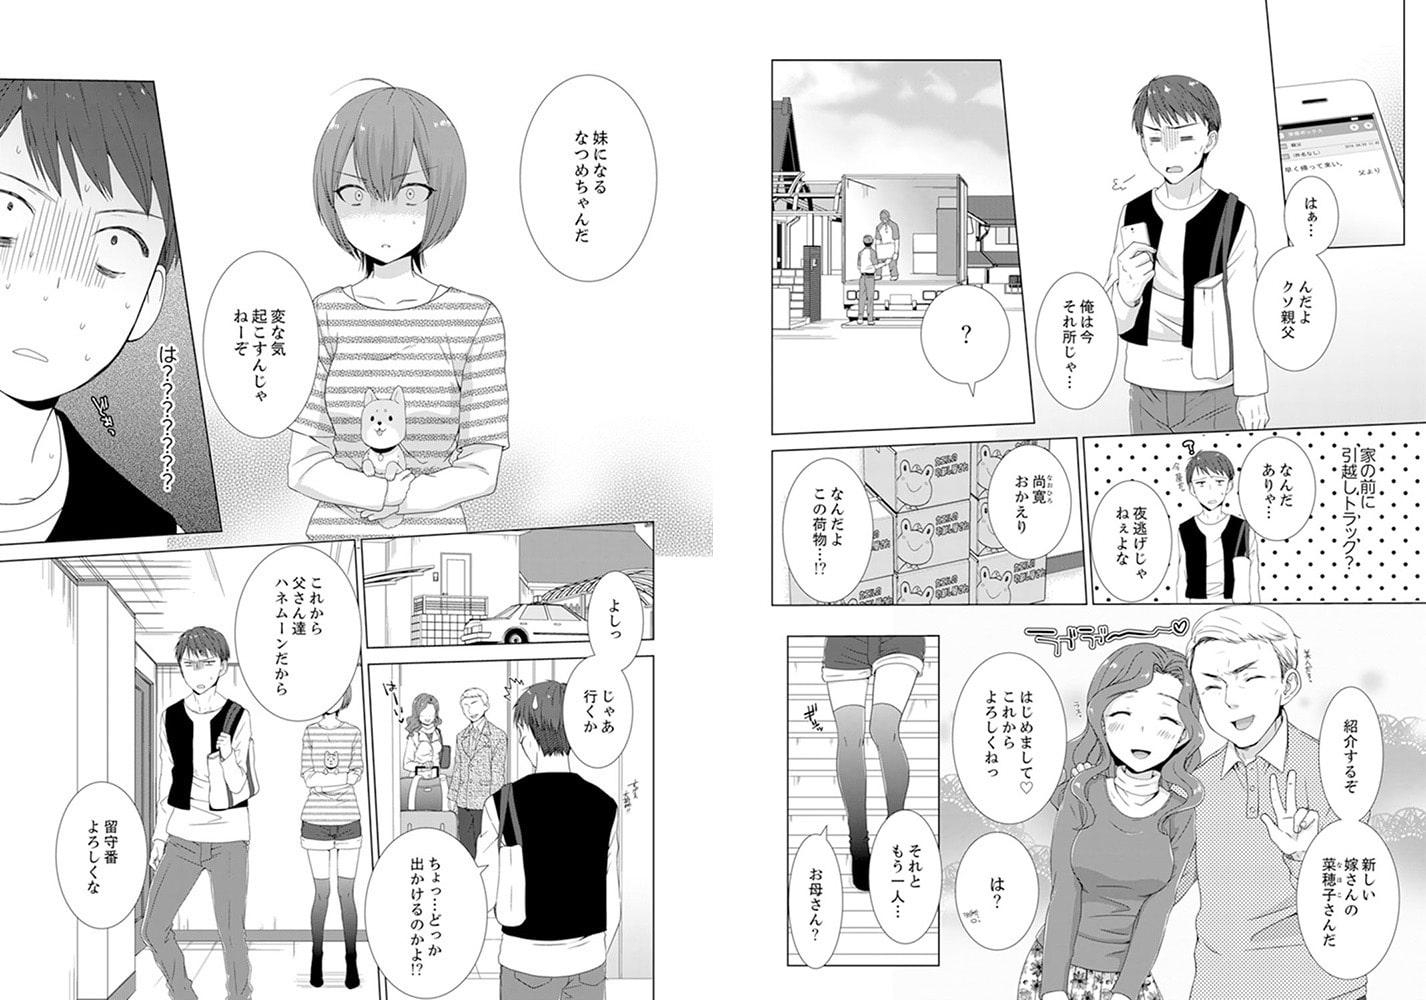 突然、元カノが妹に!?~親に隠れて同居エッチ~【完全版】